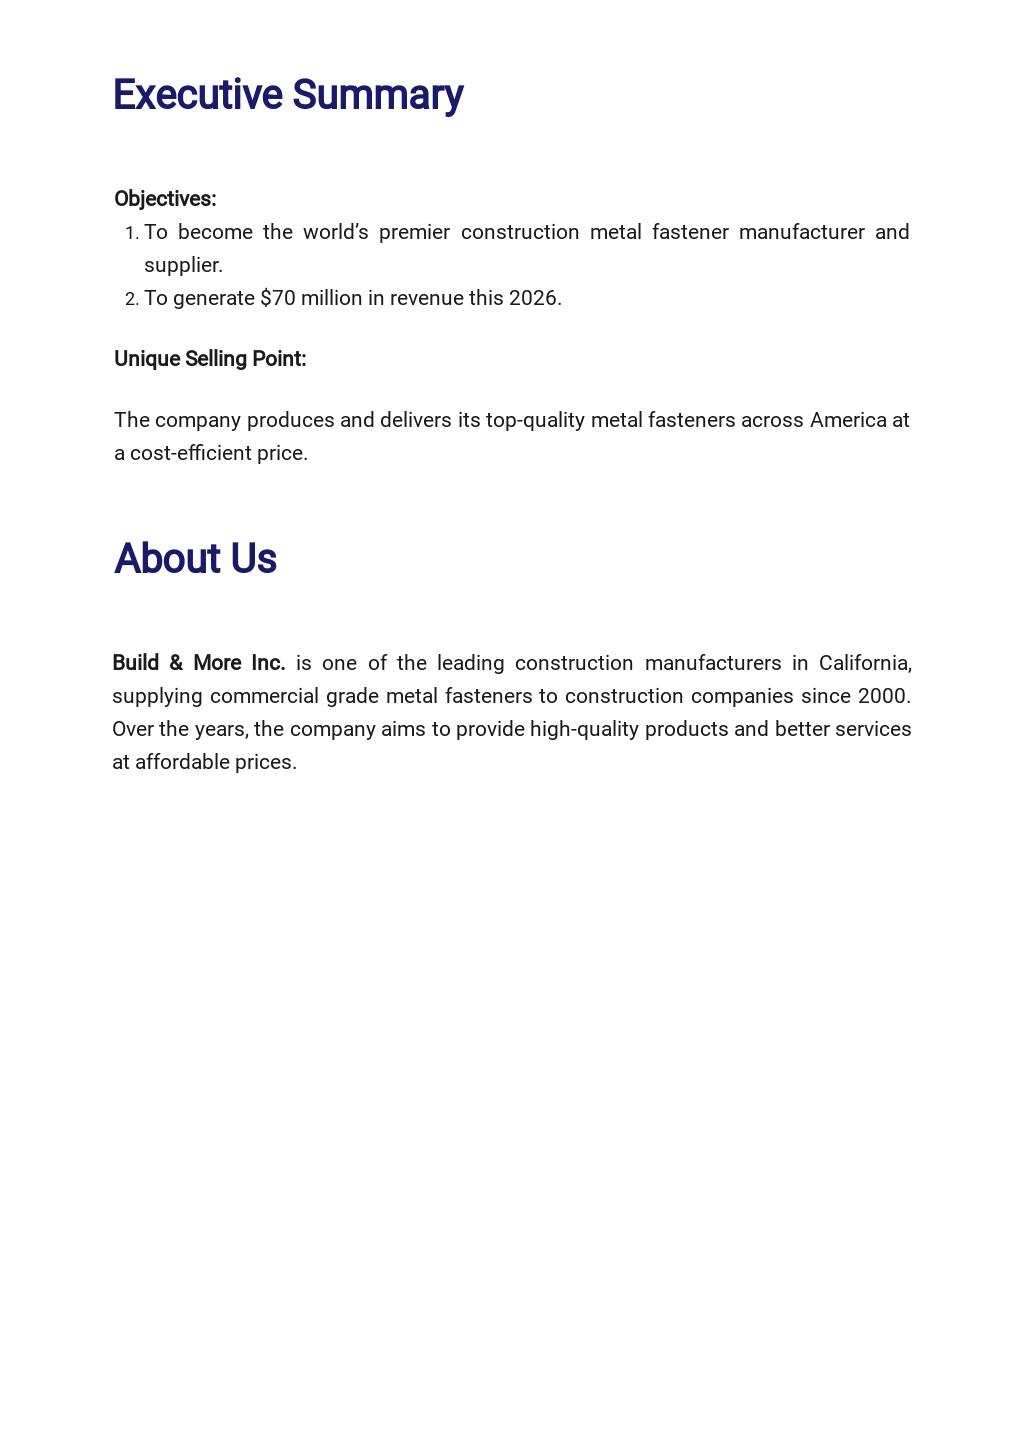 Construction Manufacturer Business Plan Template 1.jpe